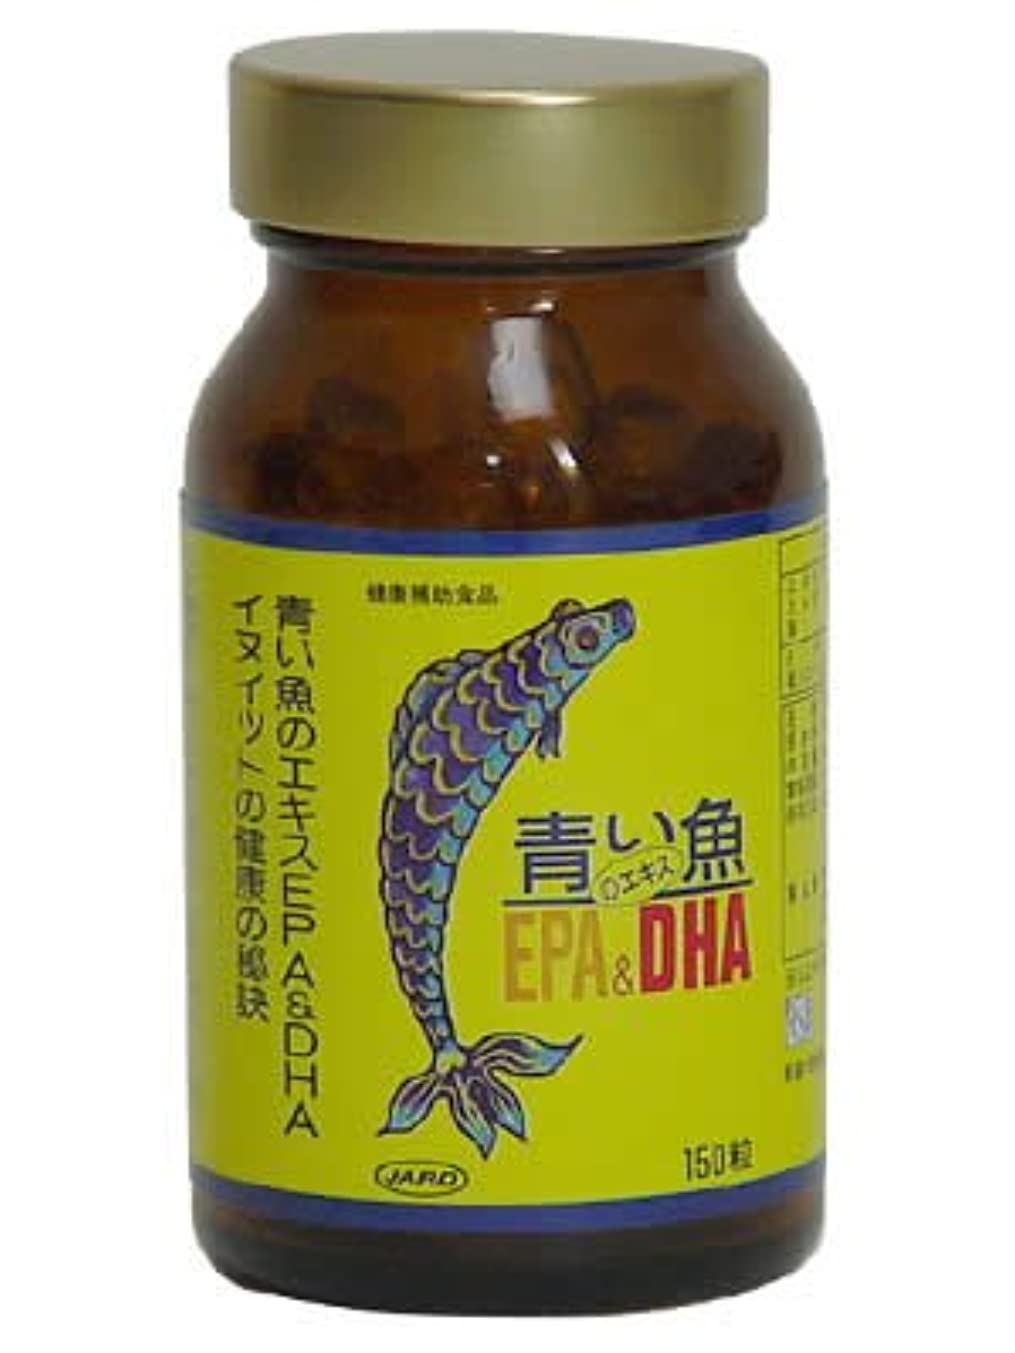 不機嫌そうなはがき組立青い魚のエキスEPA&DHA【6本セット】ジャード